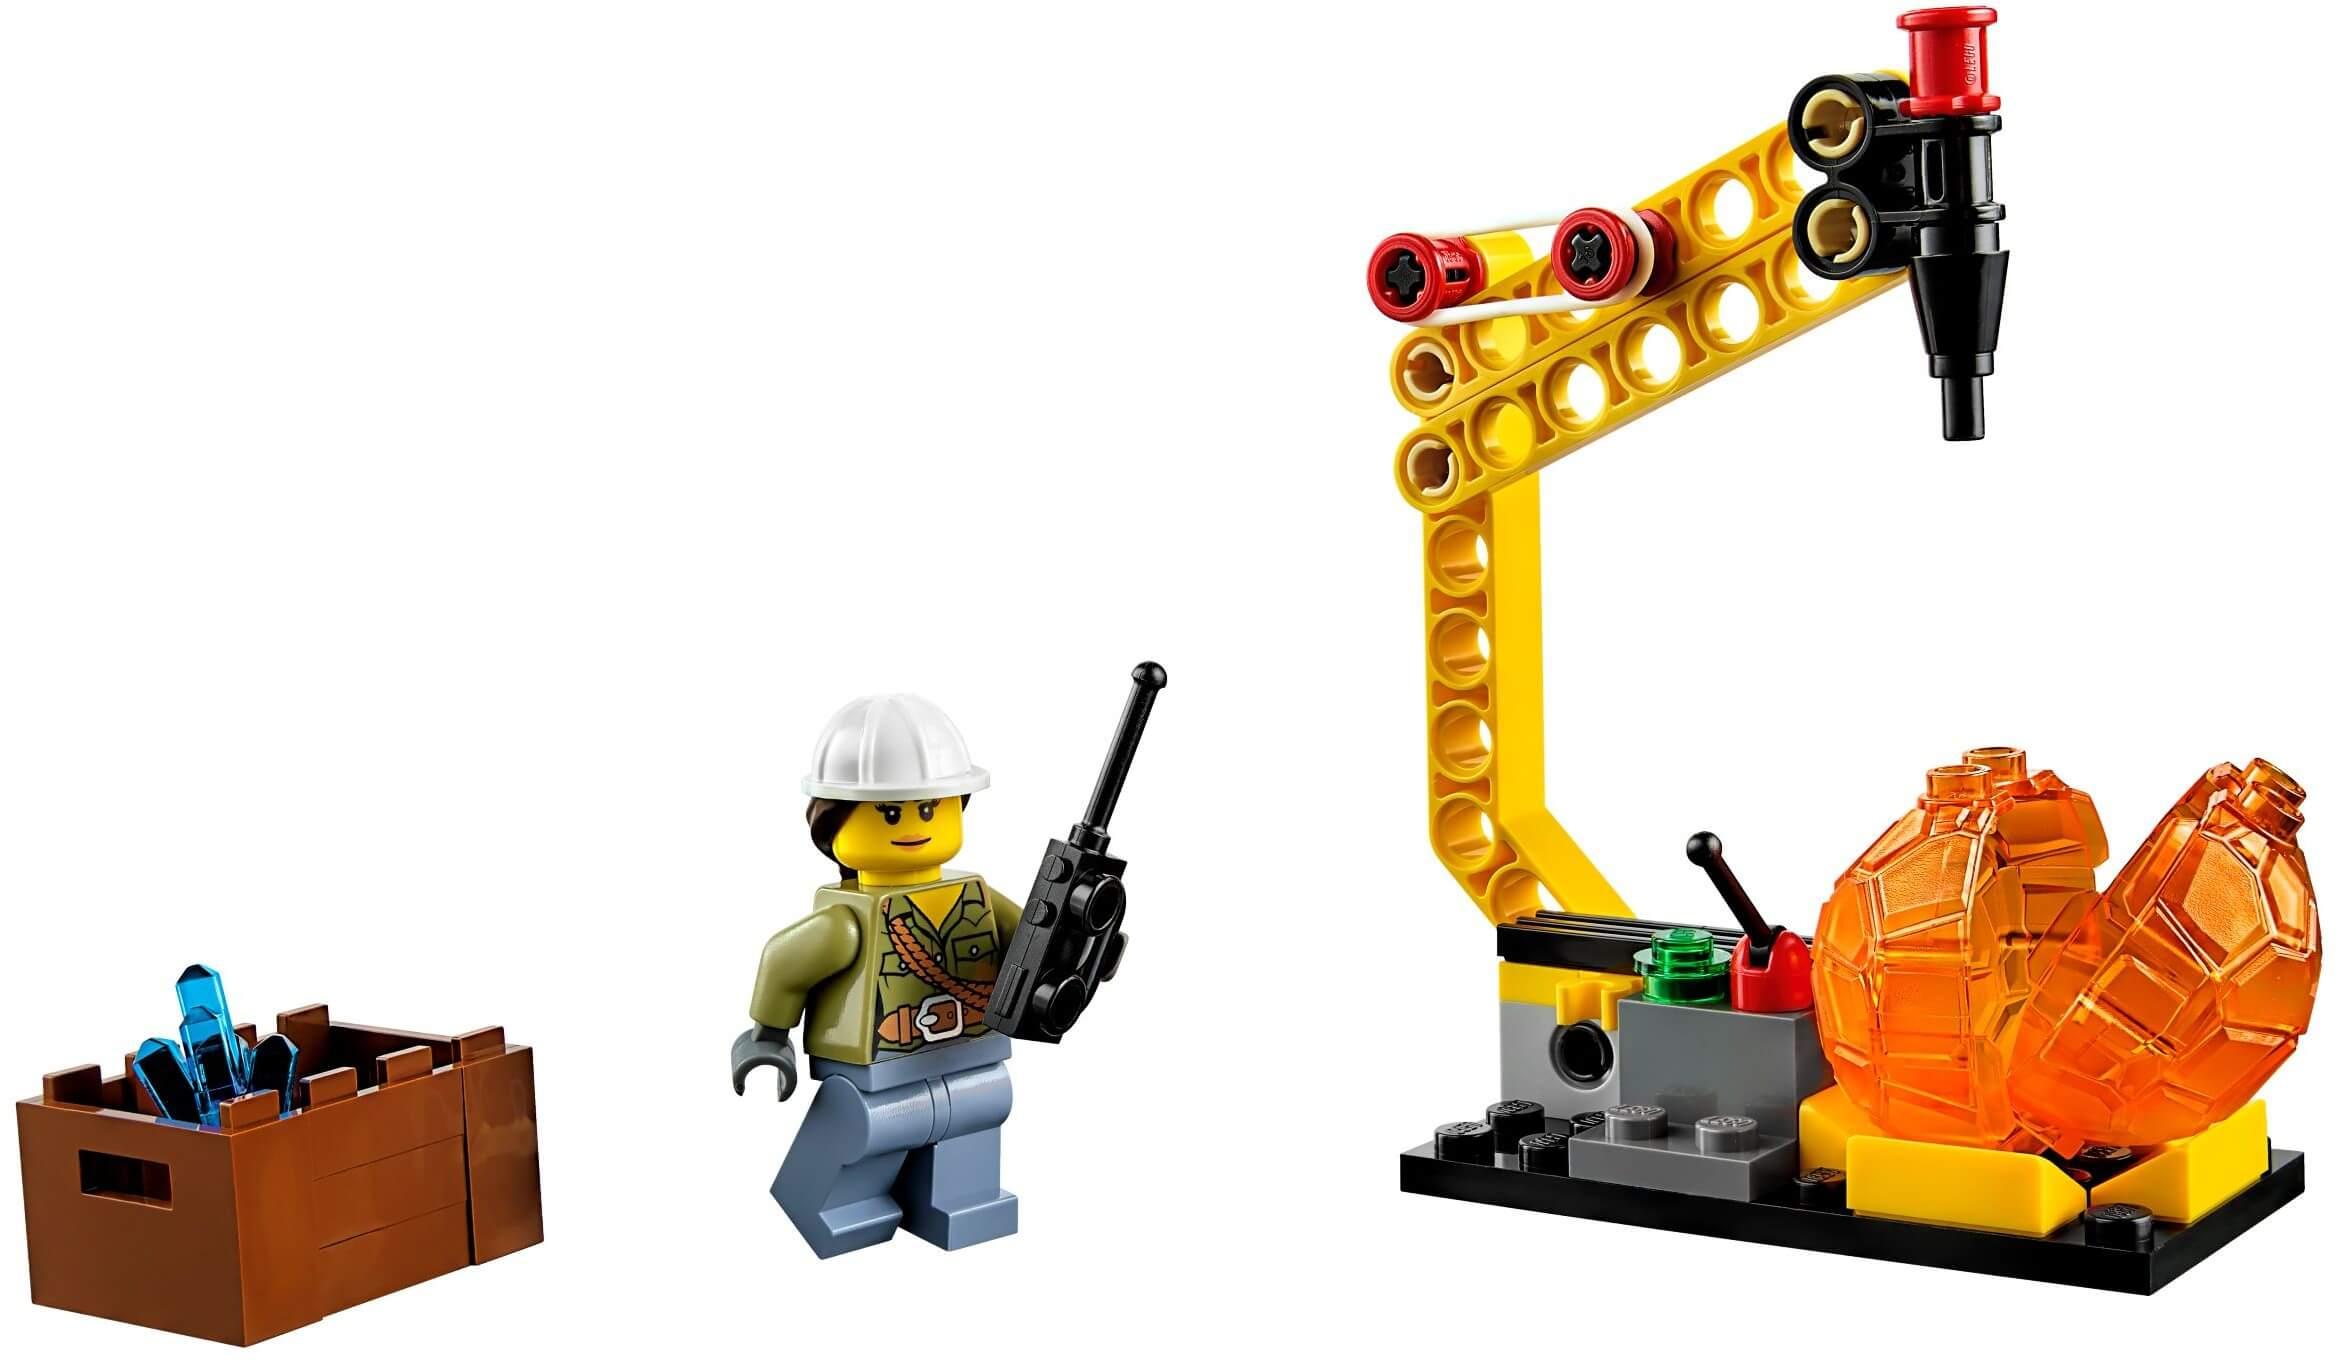 Mua đồ chơi LEGO 60123 - LEGO City 60123 - Trực Thăng Khai Thác Núi Lửa (LEGO City Volcano Supply Helicopter 60123)